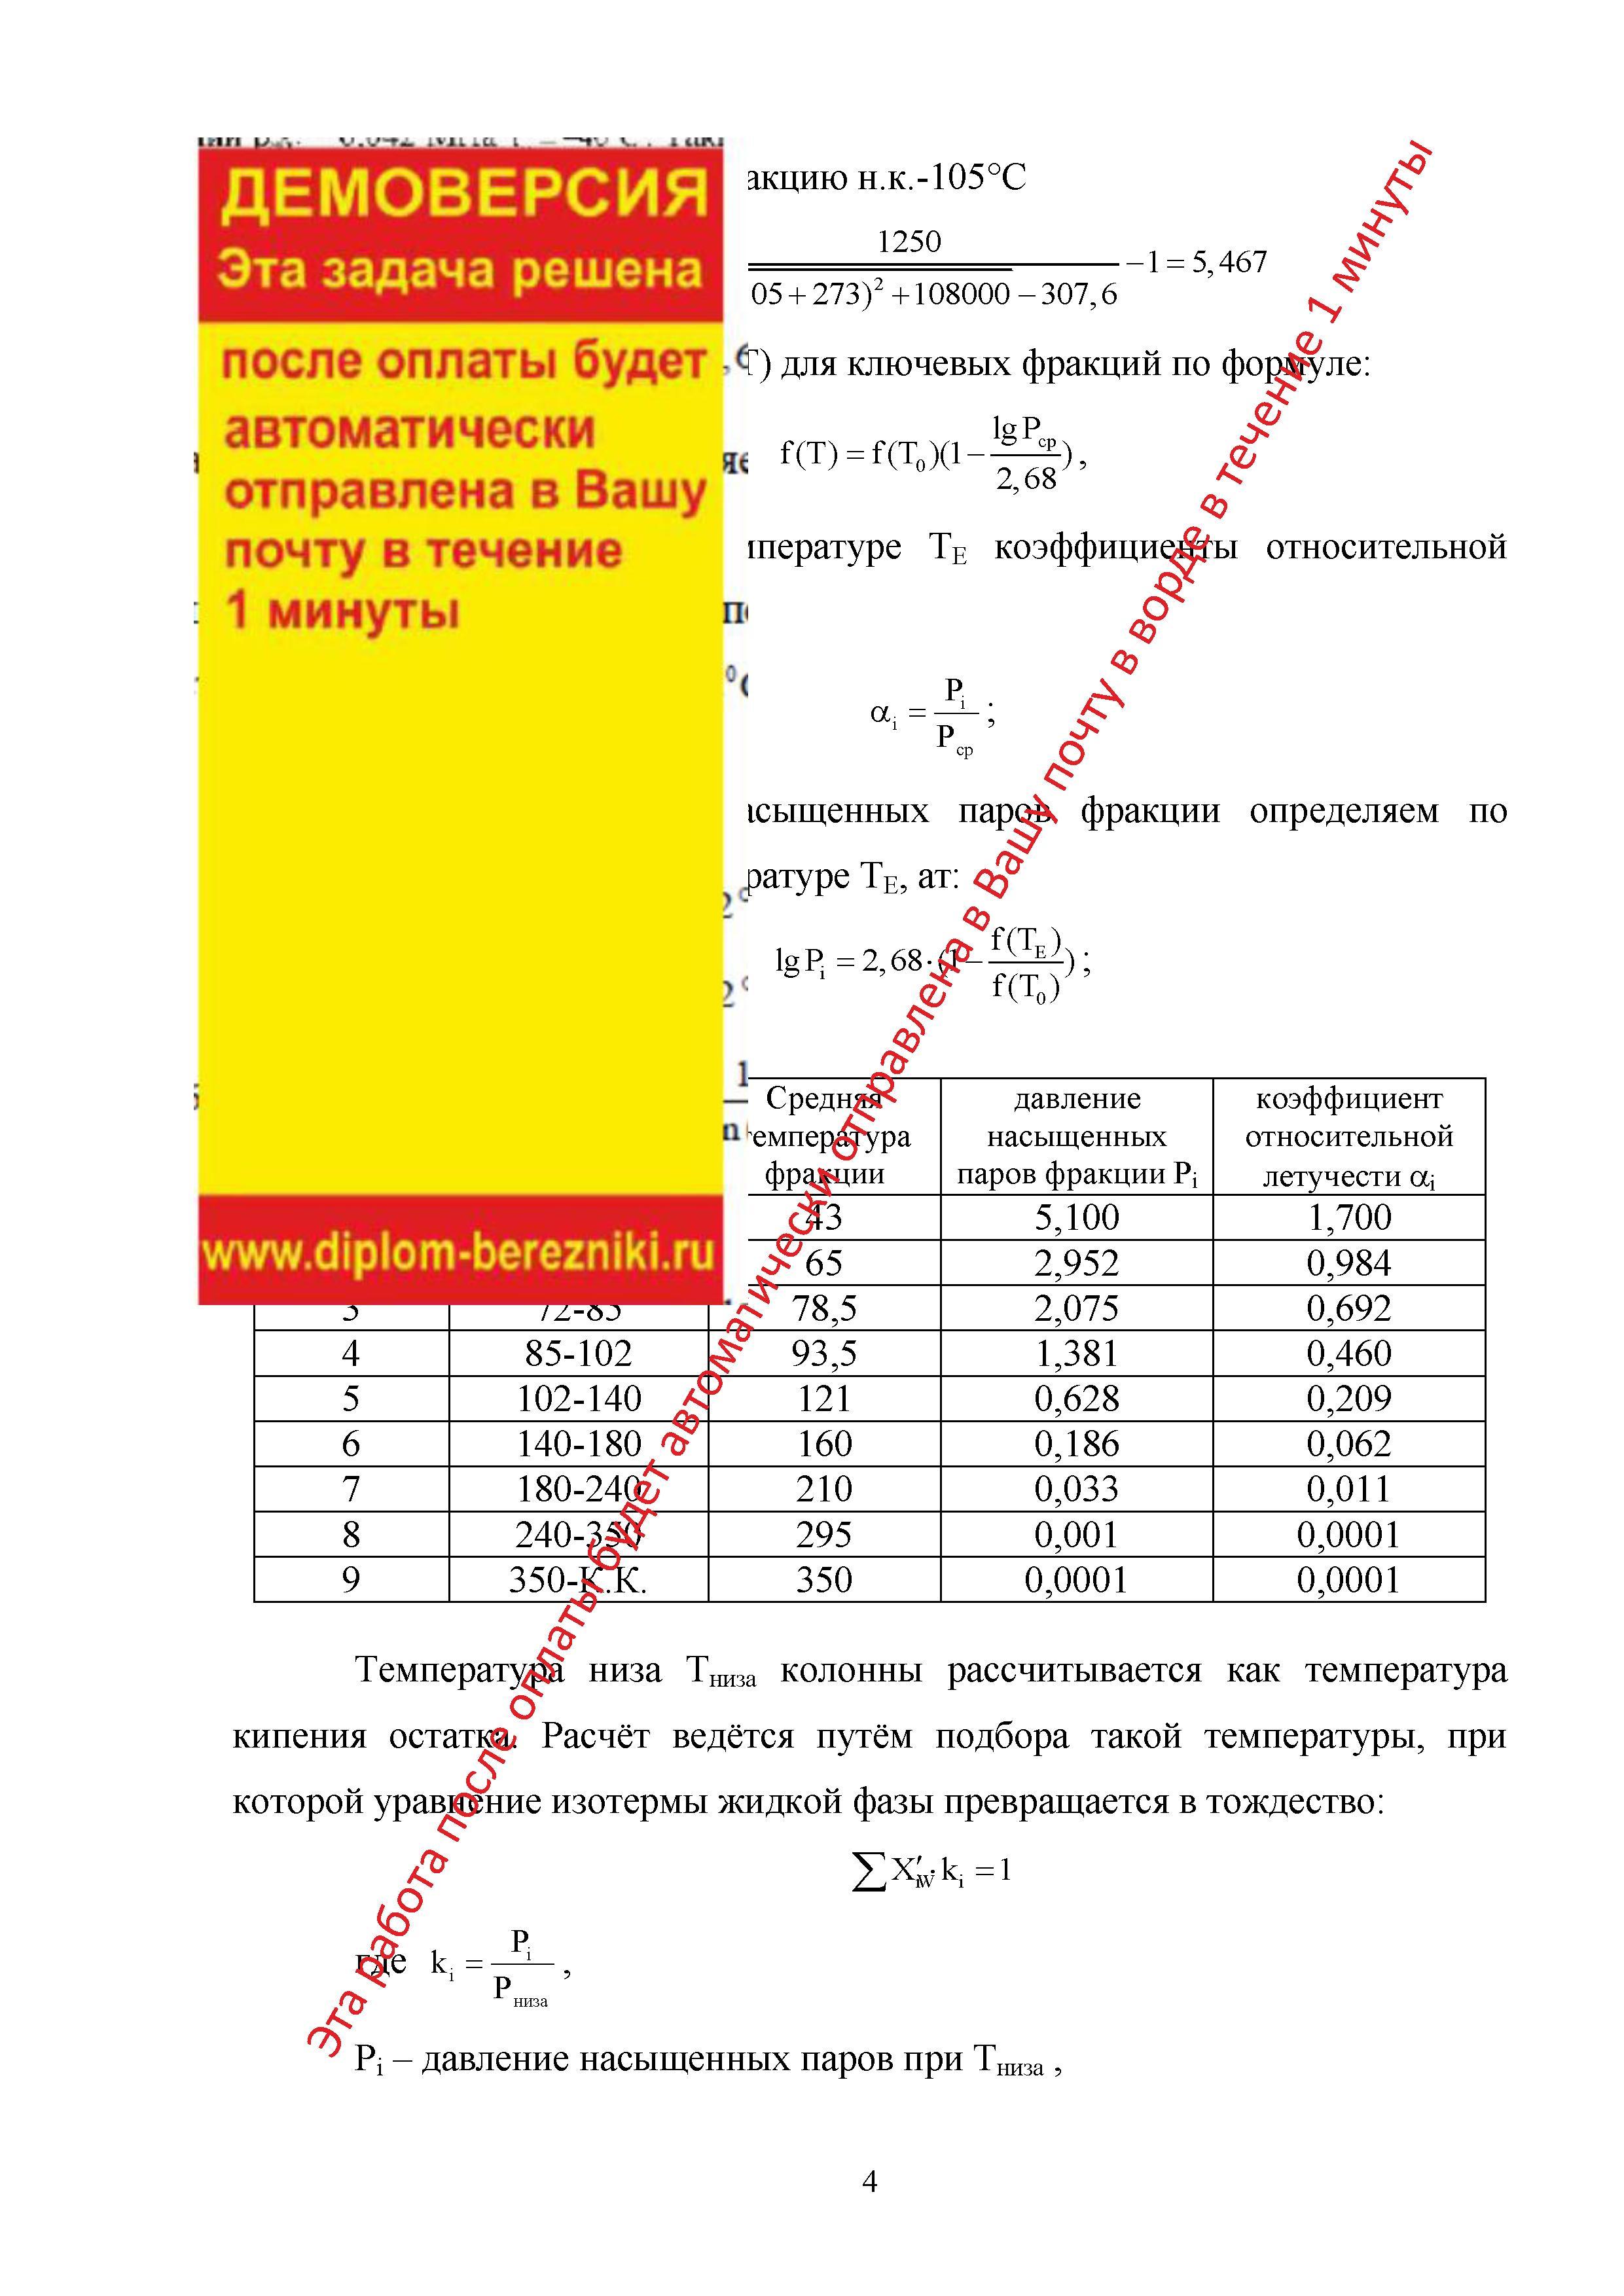 Определить температуру низа отбензинивающей колонны при перегонке нефти. В колонне отбирают фракцию н.к.-105. Давление в эвапарационной зоне 0,3 МПа. Нефть Ожгинская Пермская обл